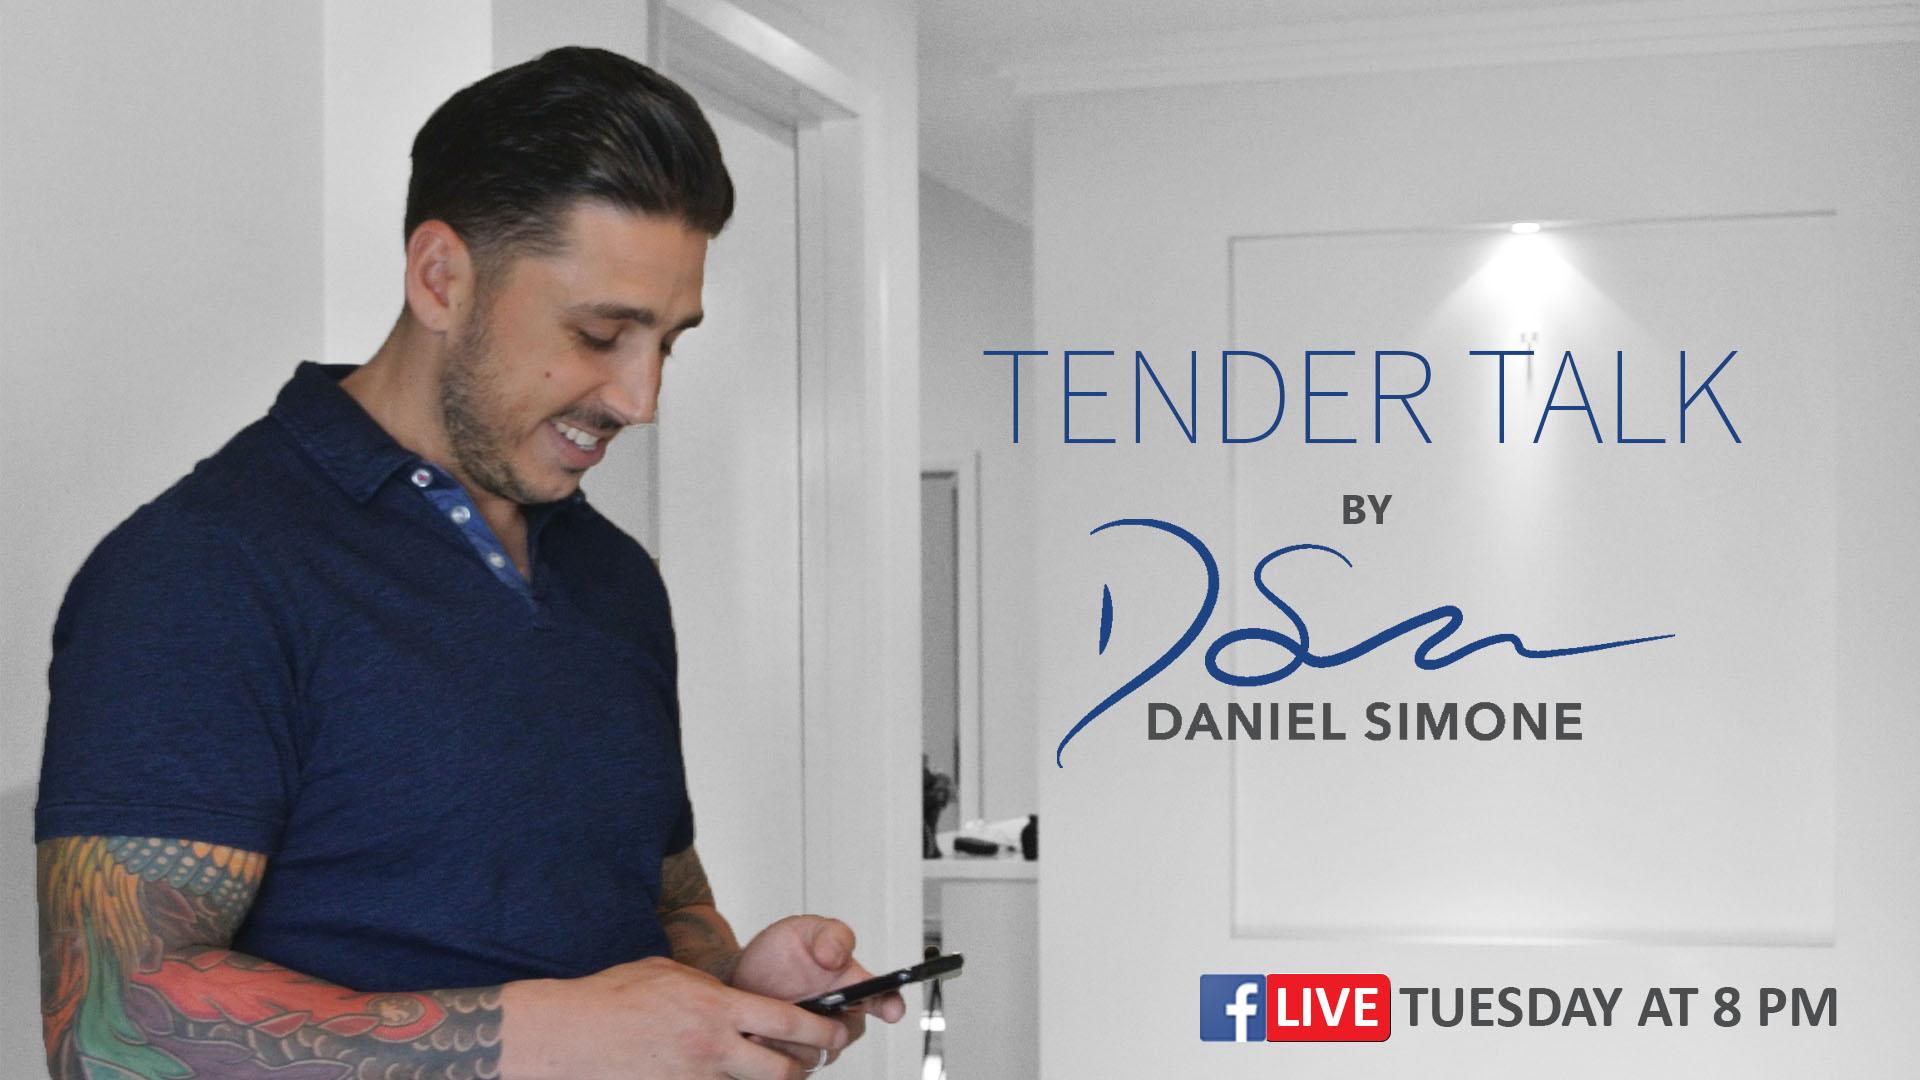 Join me on Facebook for Live Tender Talk